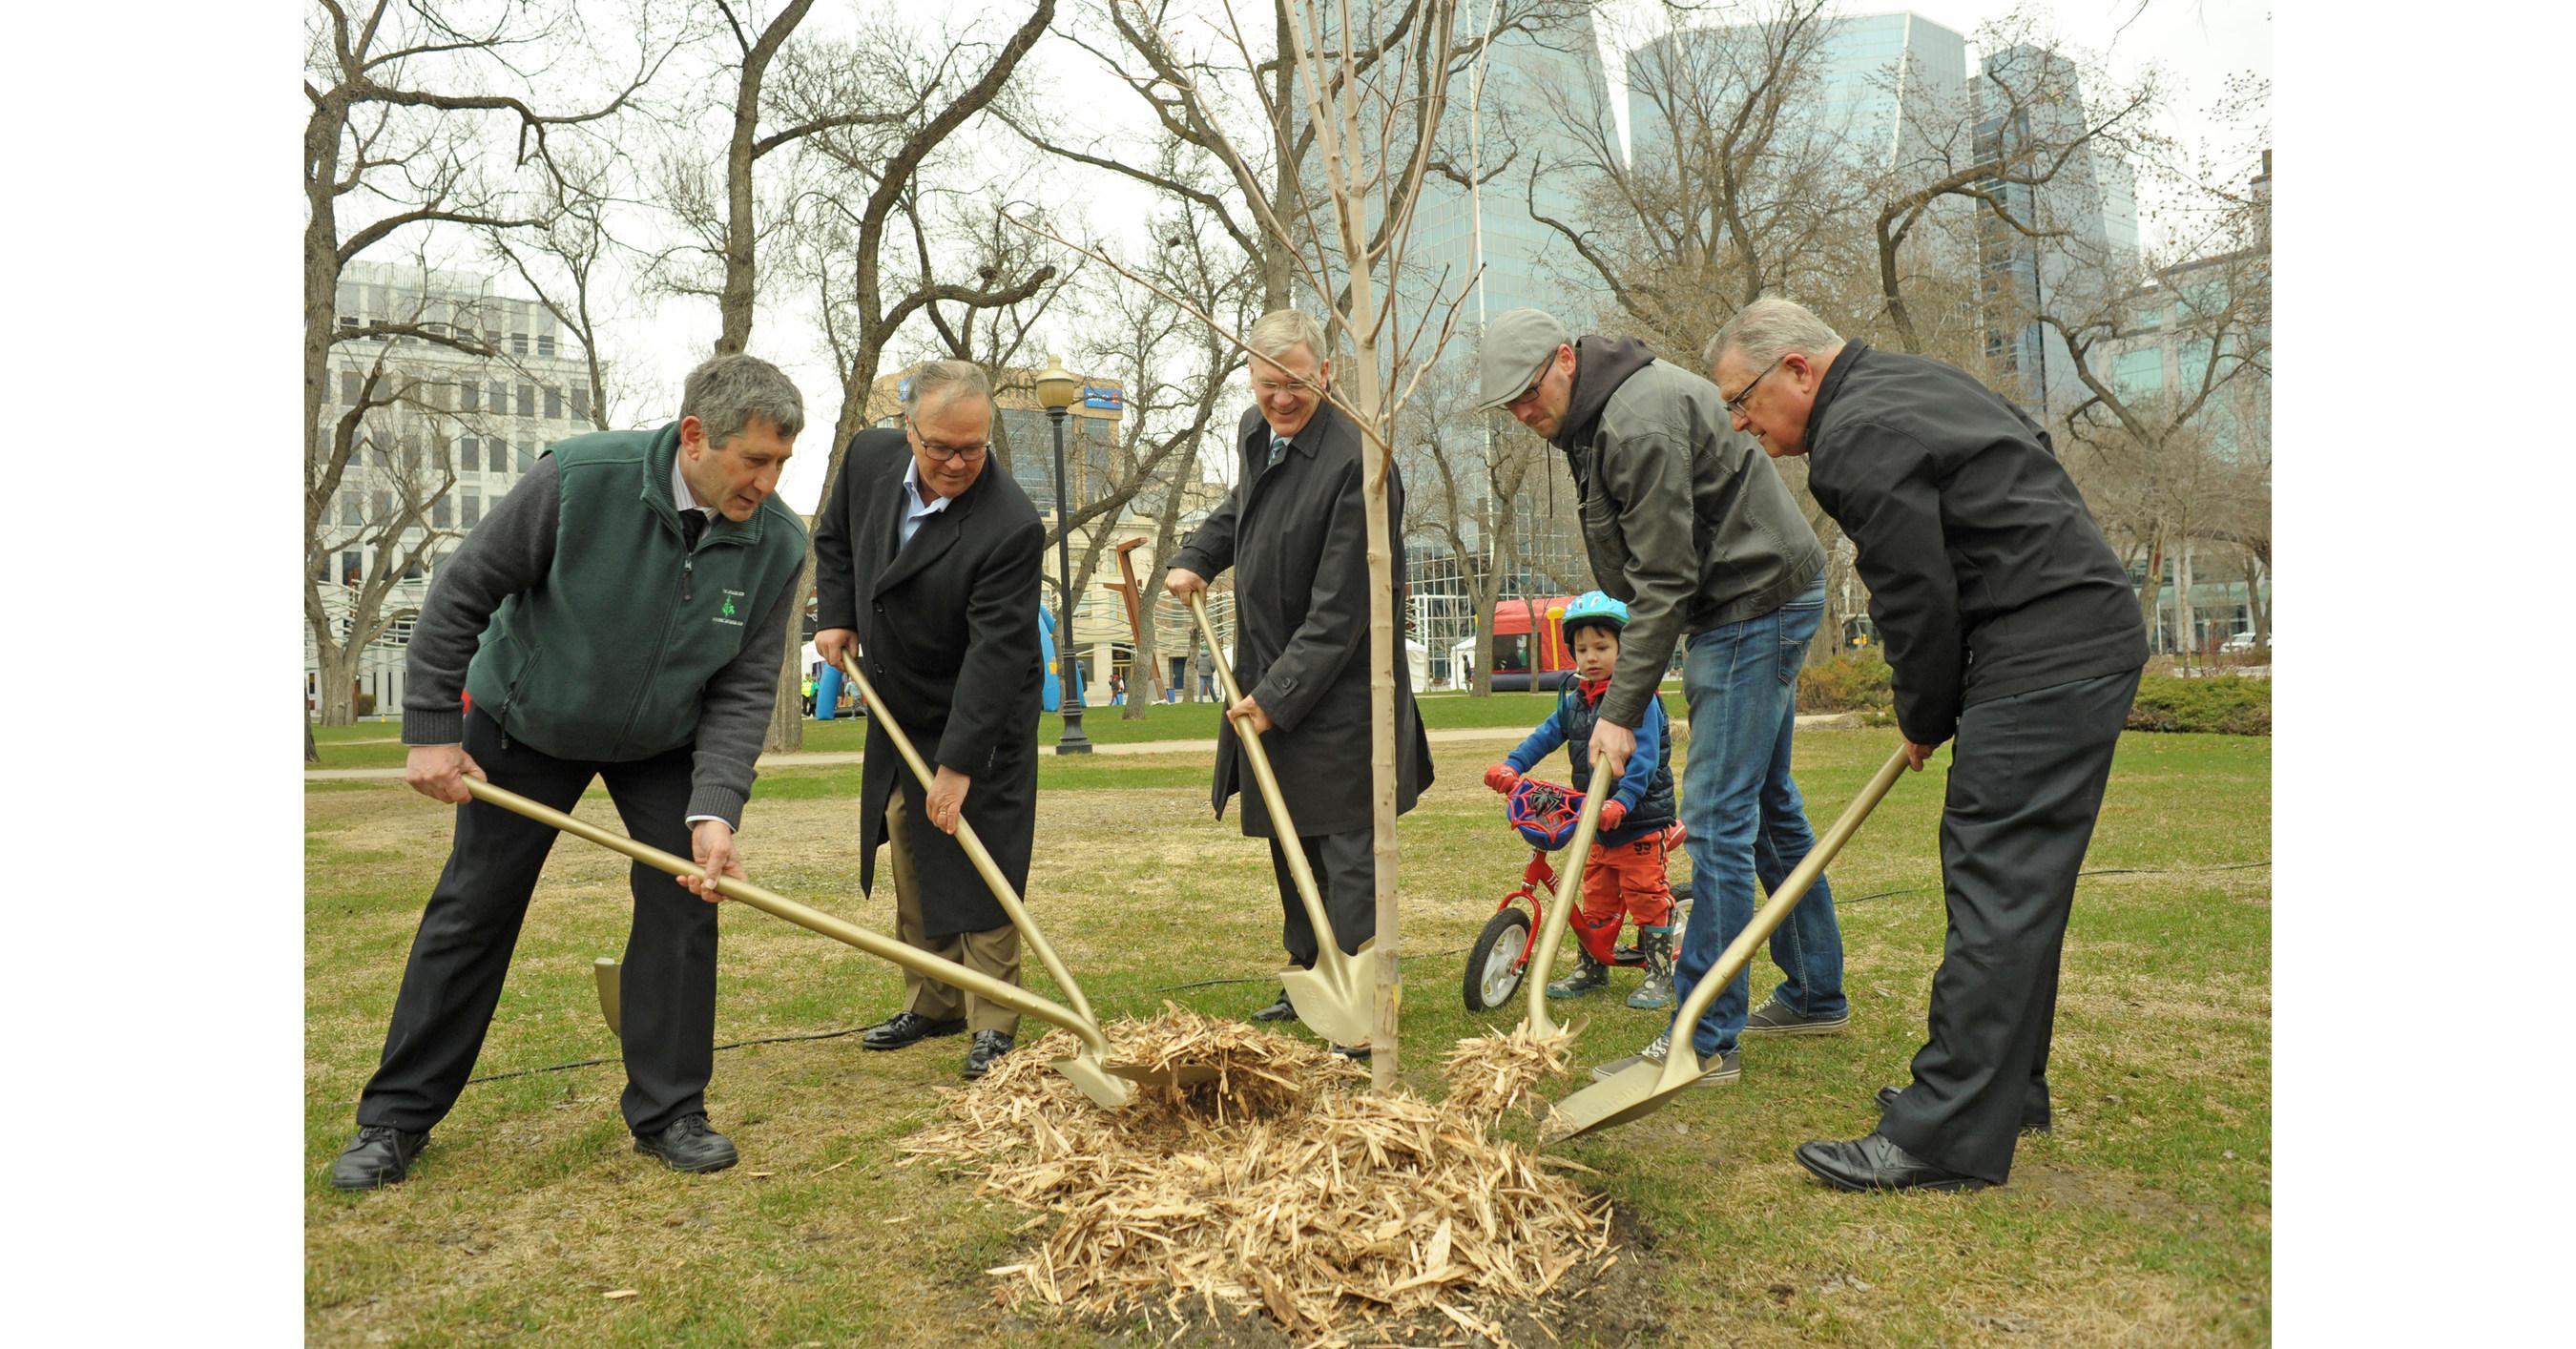 Cnw le cn plante des arbres et d voile une plaque pour for Dans 150 ans